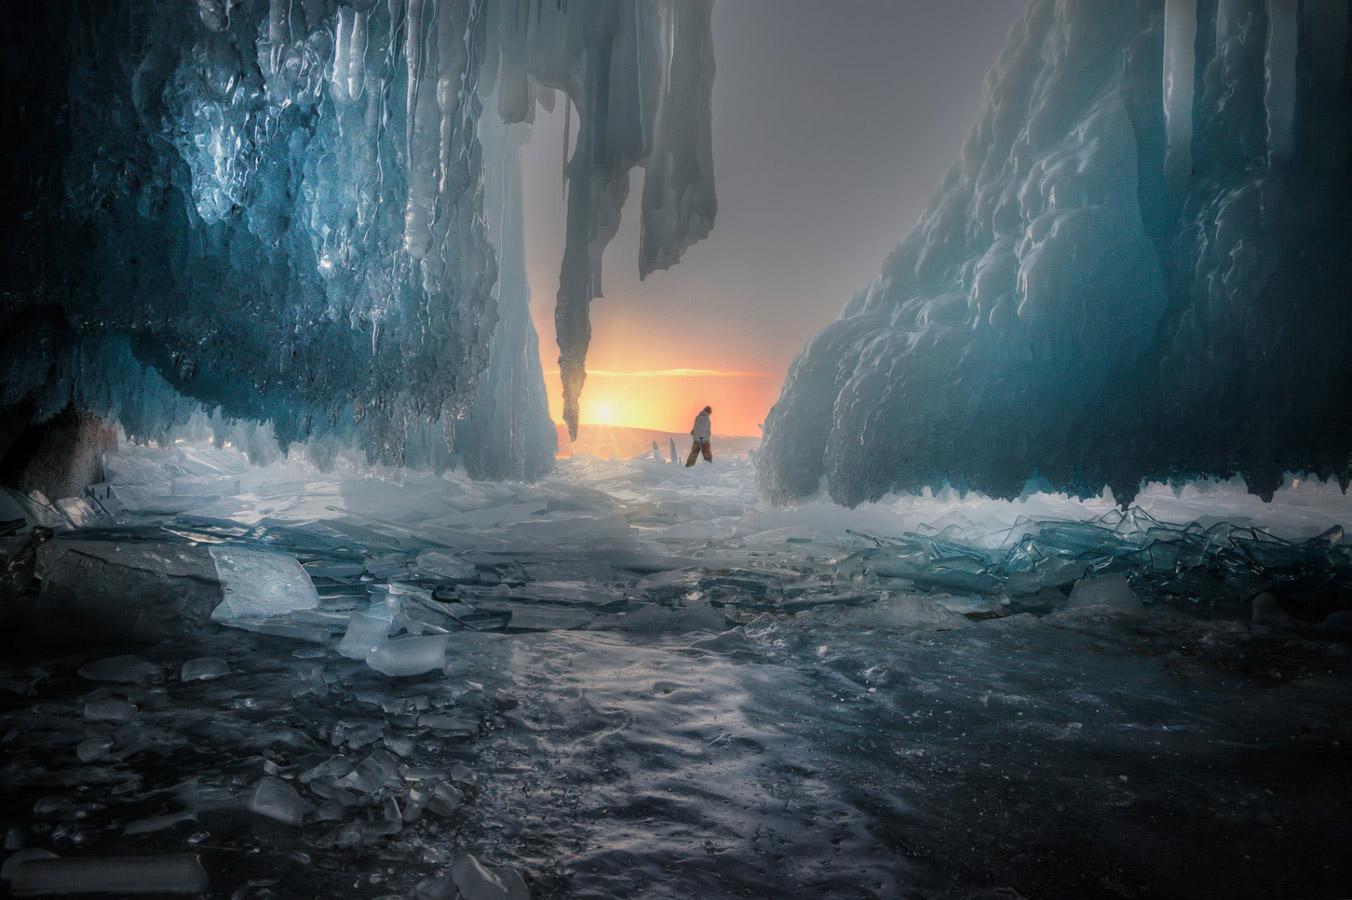 Побег из ледяного плена, © Александр Атоян / Alexander Atoyan, Национальный победитель — Россия, Фотоконкурс Metro Photo Challenge